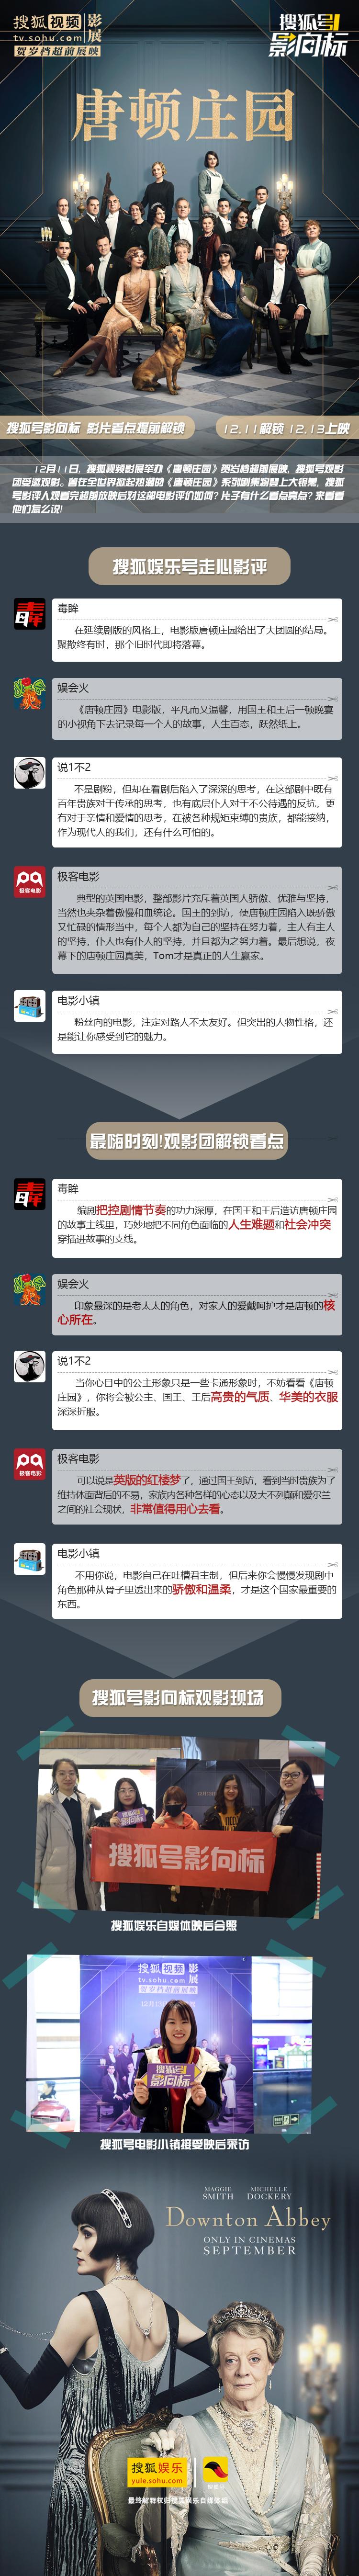 搜狐視頻影展賀歲檔超前展映,電影版《唐頓莊園》攜經典演員陣容回歸